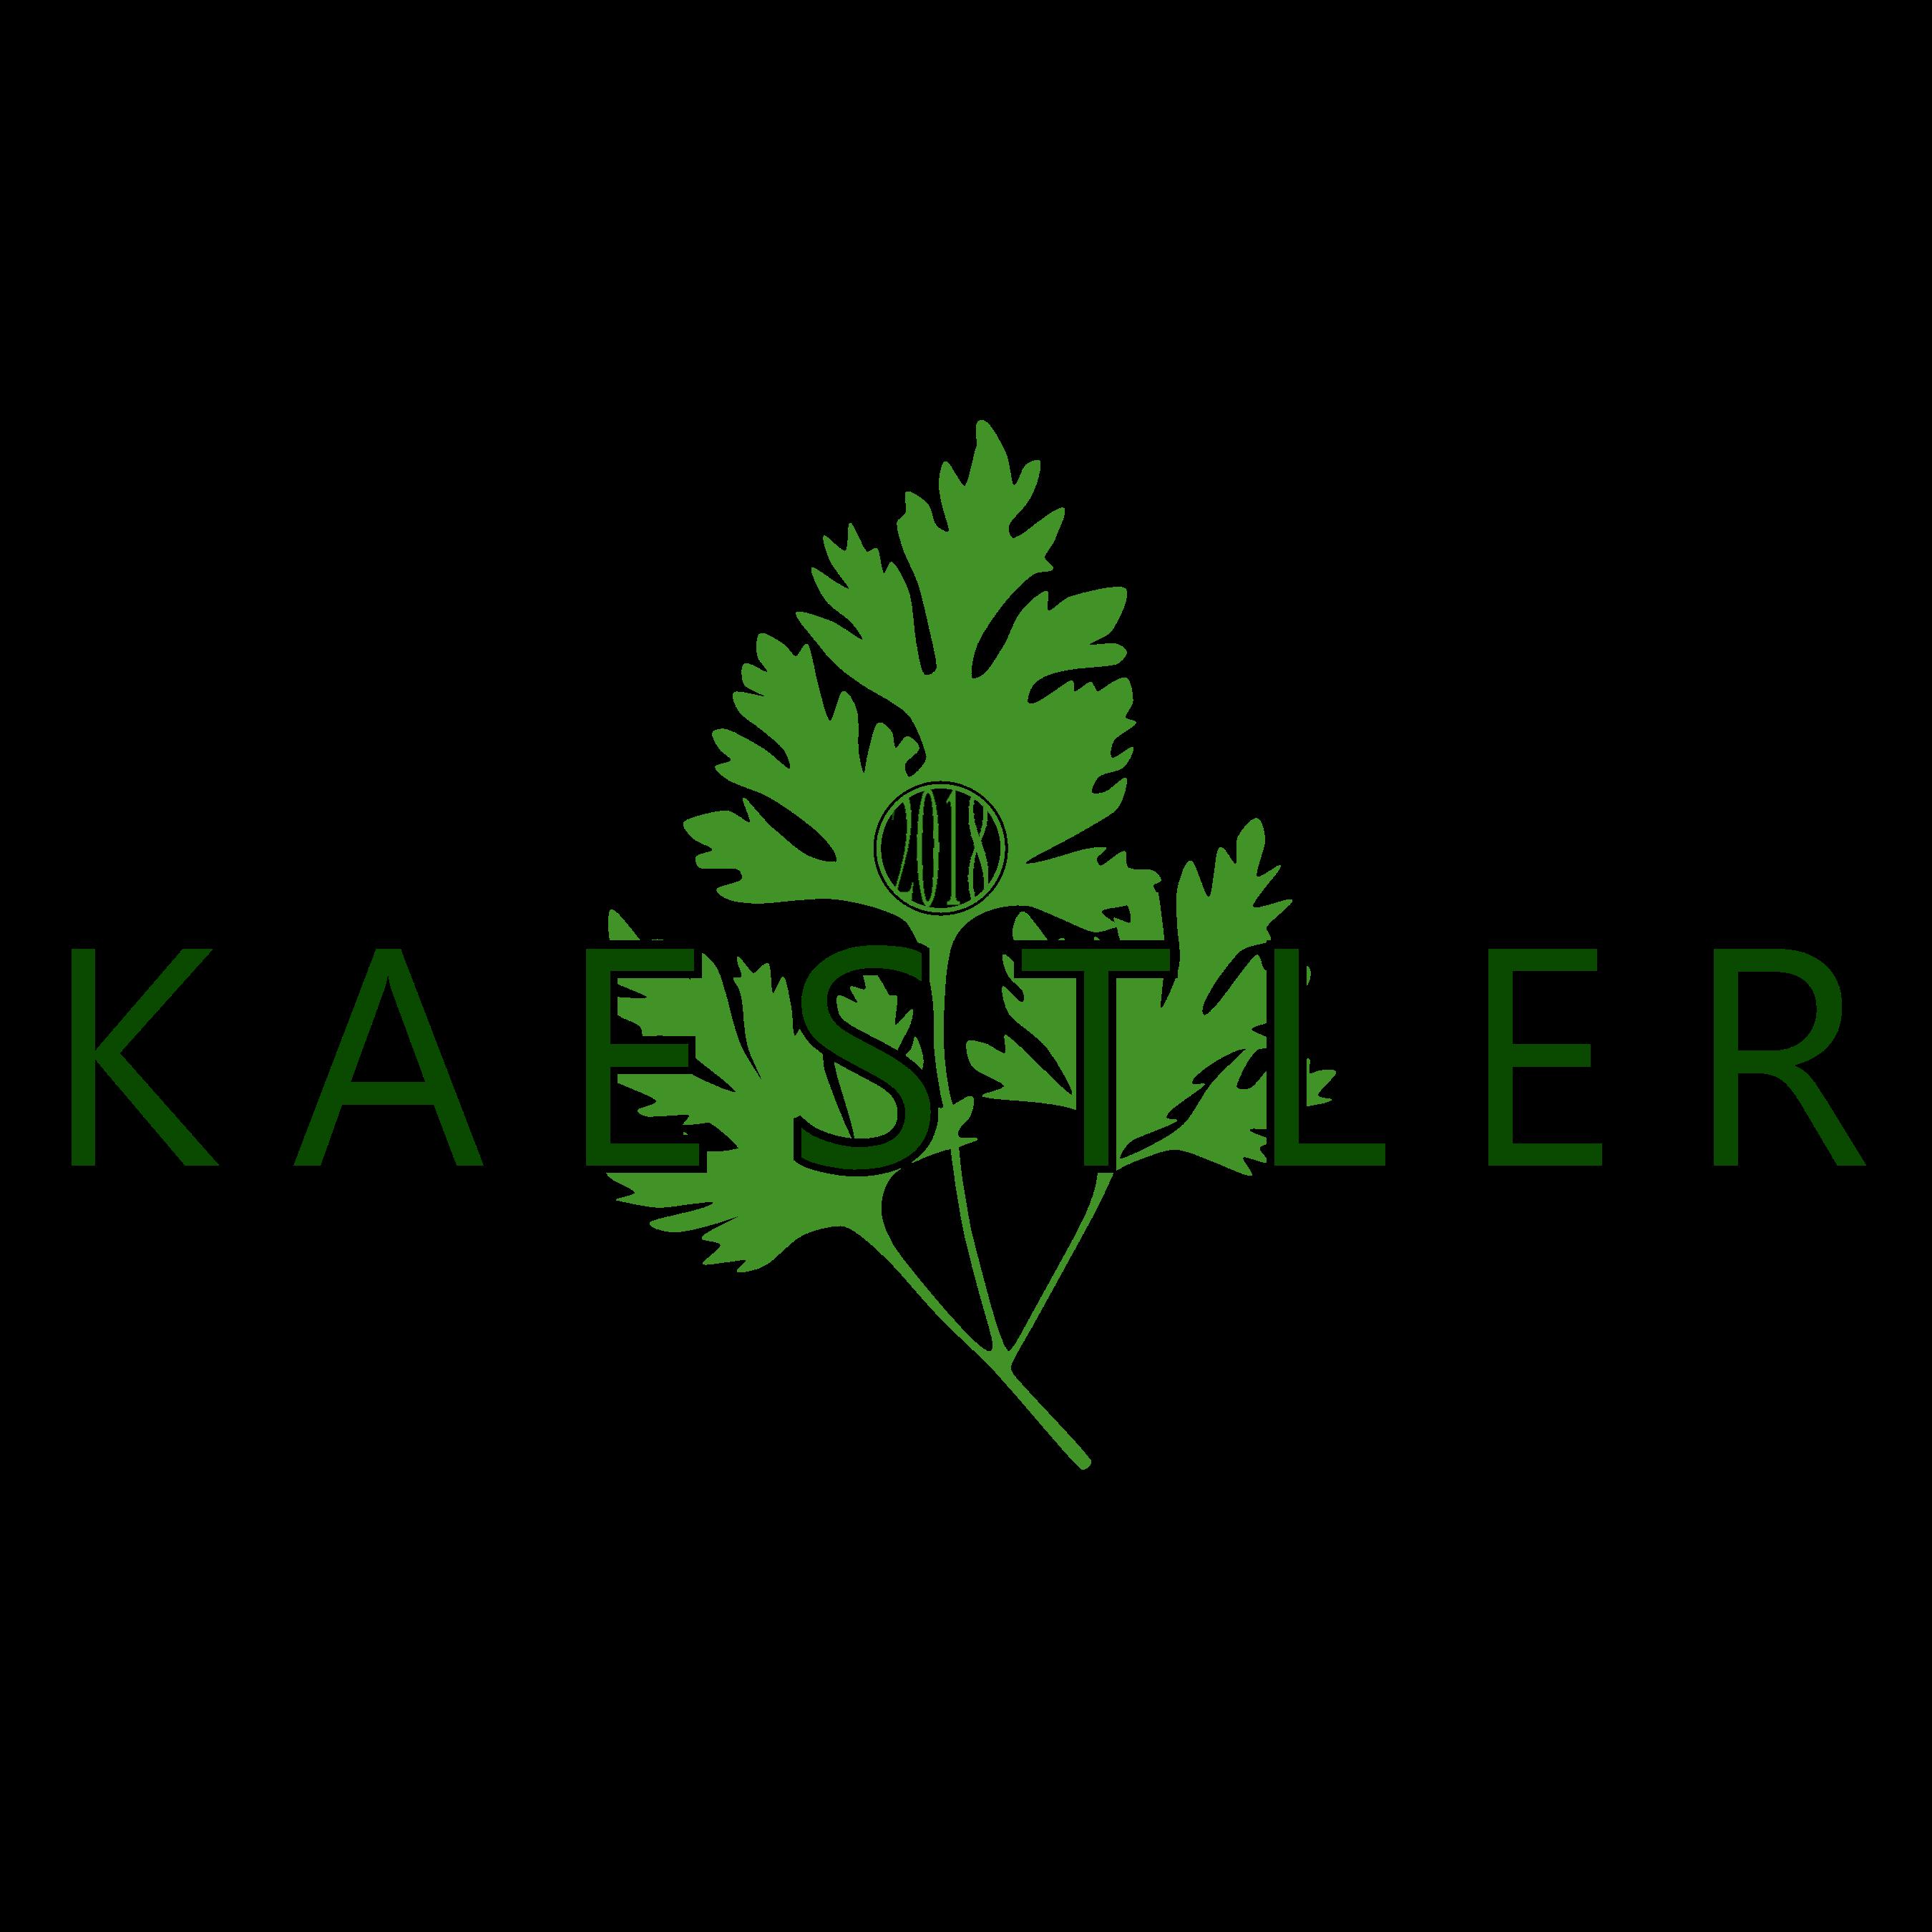 Kaestler GmbH